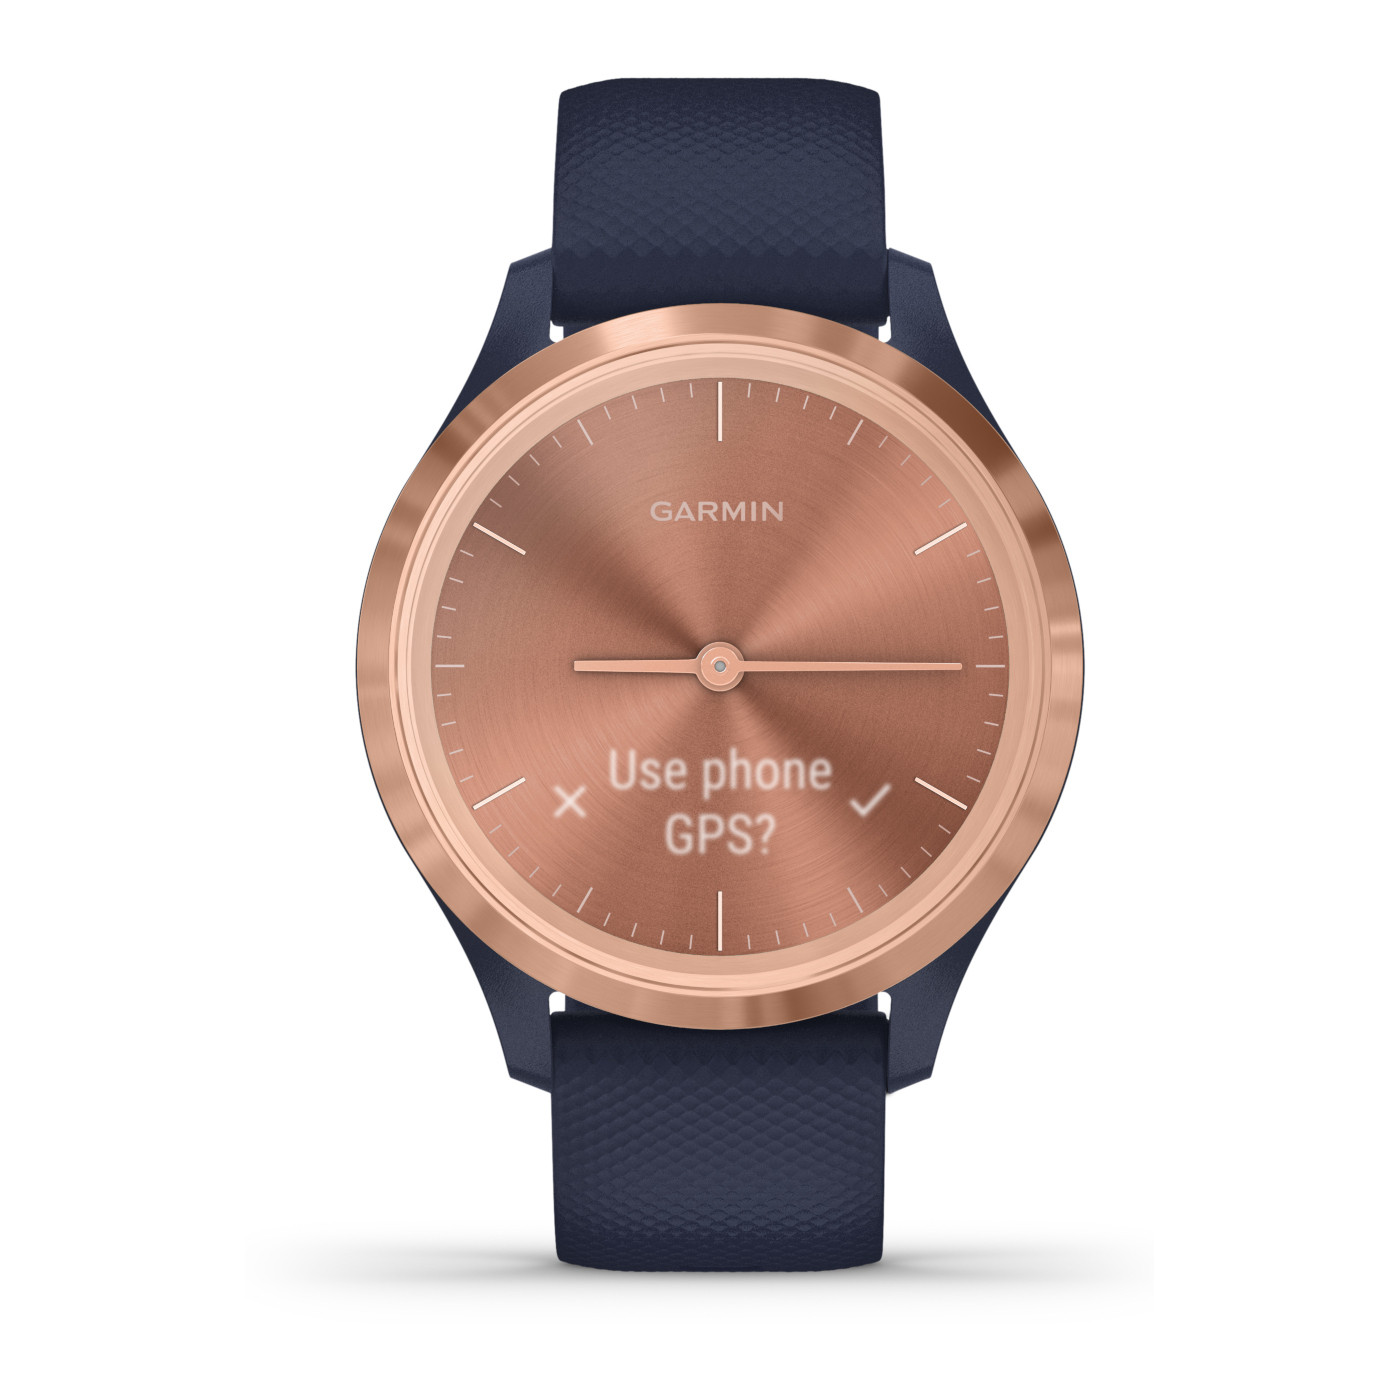 Garmin Vivomove montre 010-02238-03